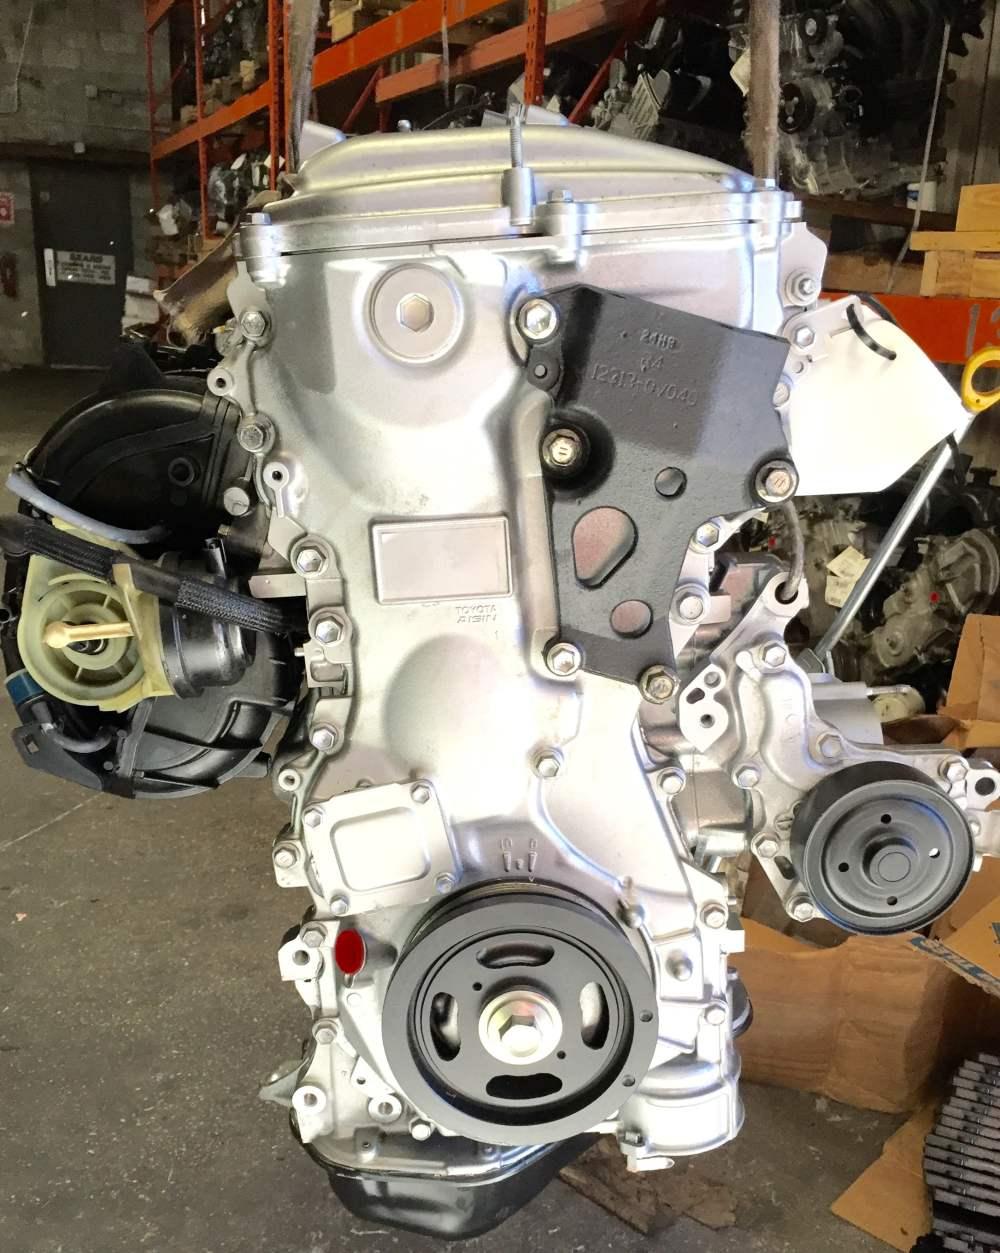 medium resolution of toyota camry 2003 engine diagram 2003 toyota echo engine 2 5 chevy engine toyota rav4 2 5l engine